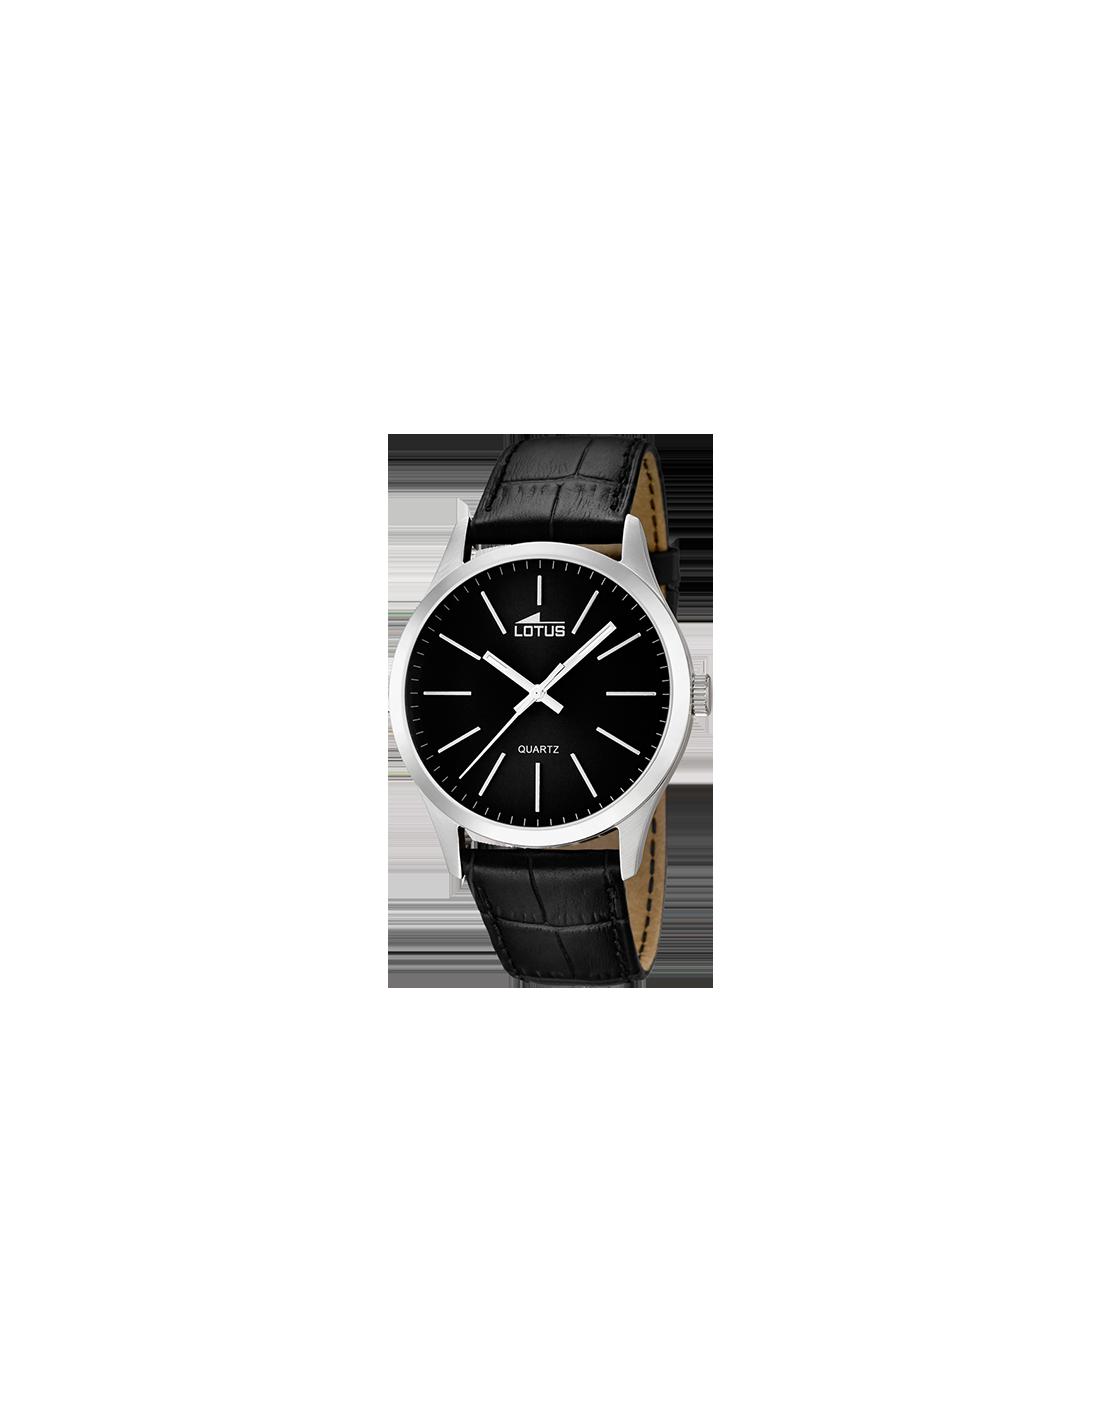 d0febd140345 Reloj de hombre Lotus Minimalist 15961 3 plateado con dial negro y correa  de piel